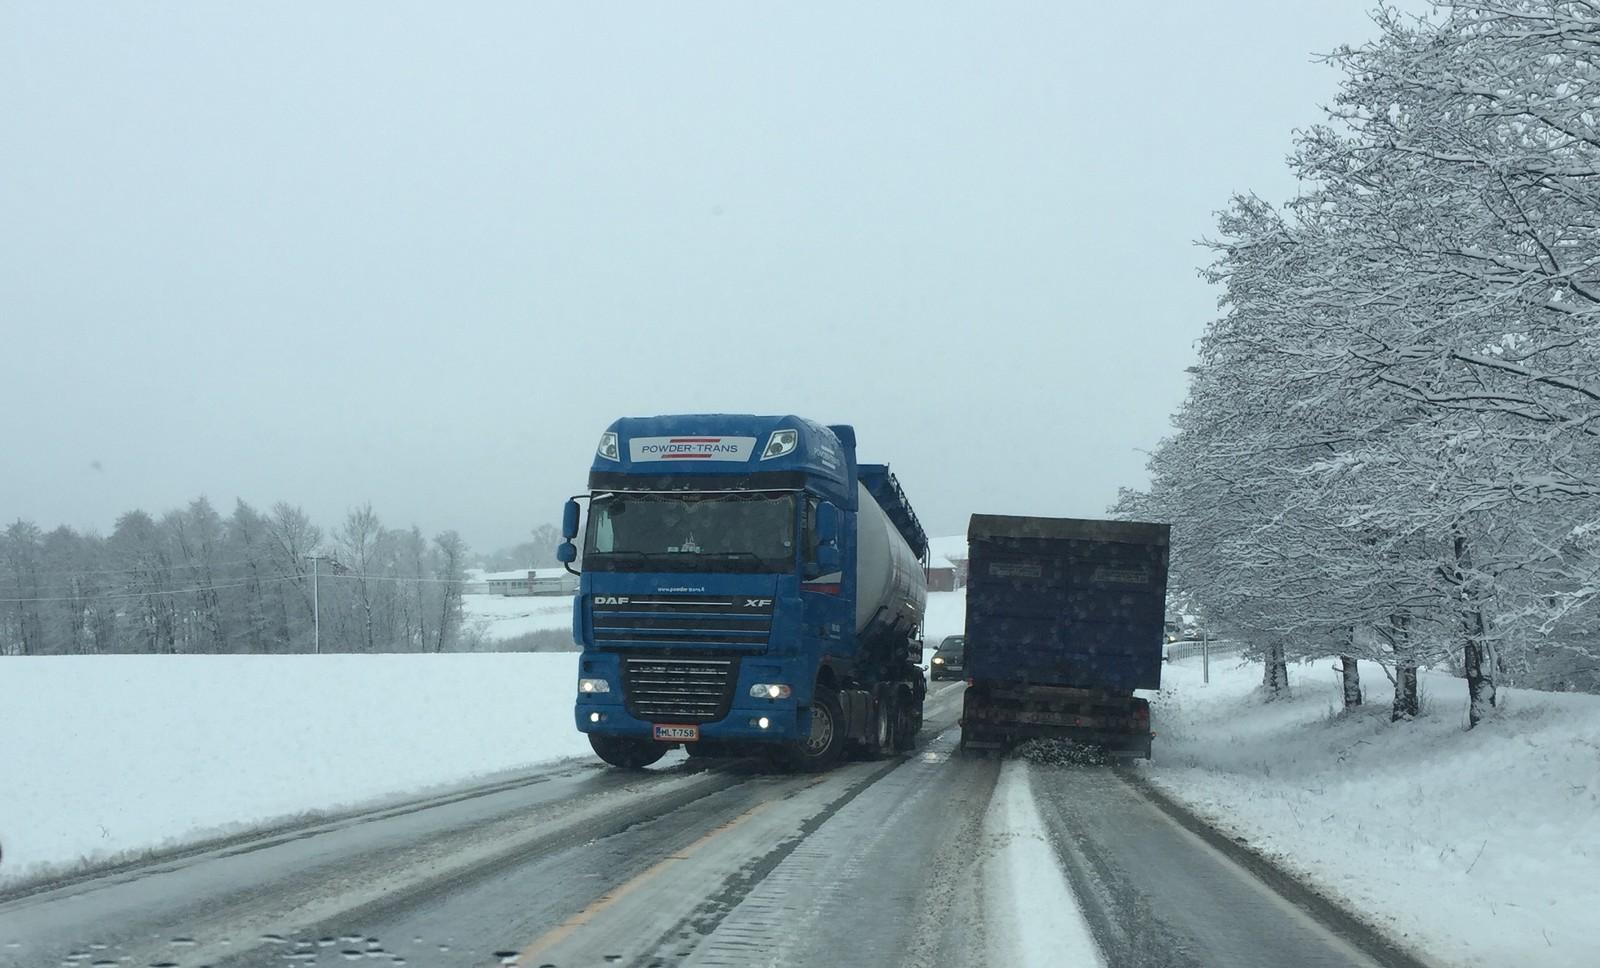 Dette vogntoget klarte ikke å komme seg videre. Den ble stående midt i denne bakken på Sarpsborgveien på Torp.